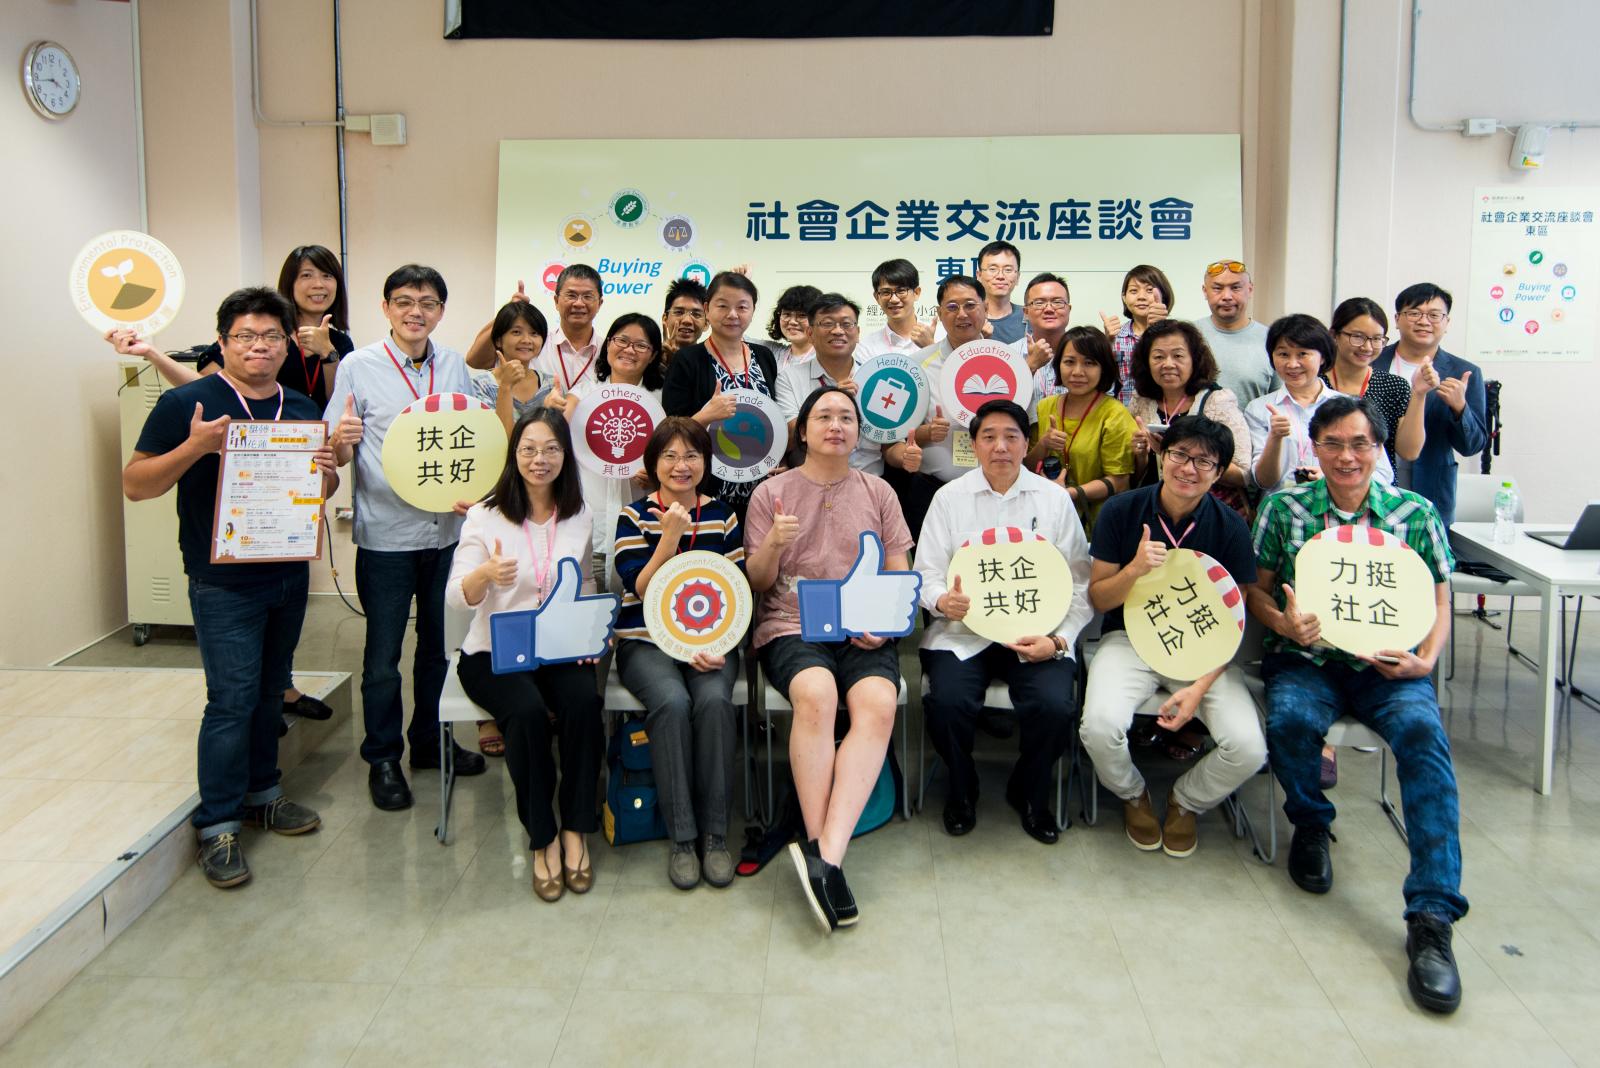 自然食尚受邀代表台東社會企業參加東區社企交流座談會